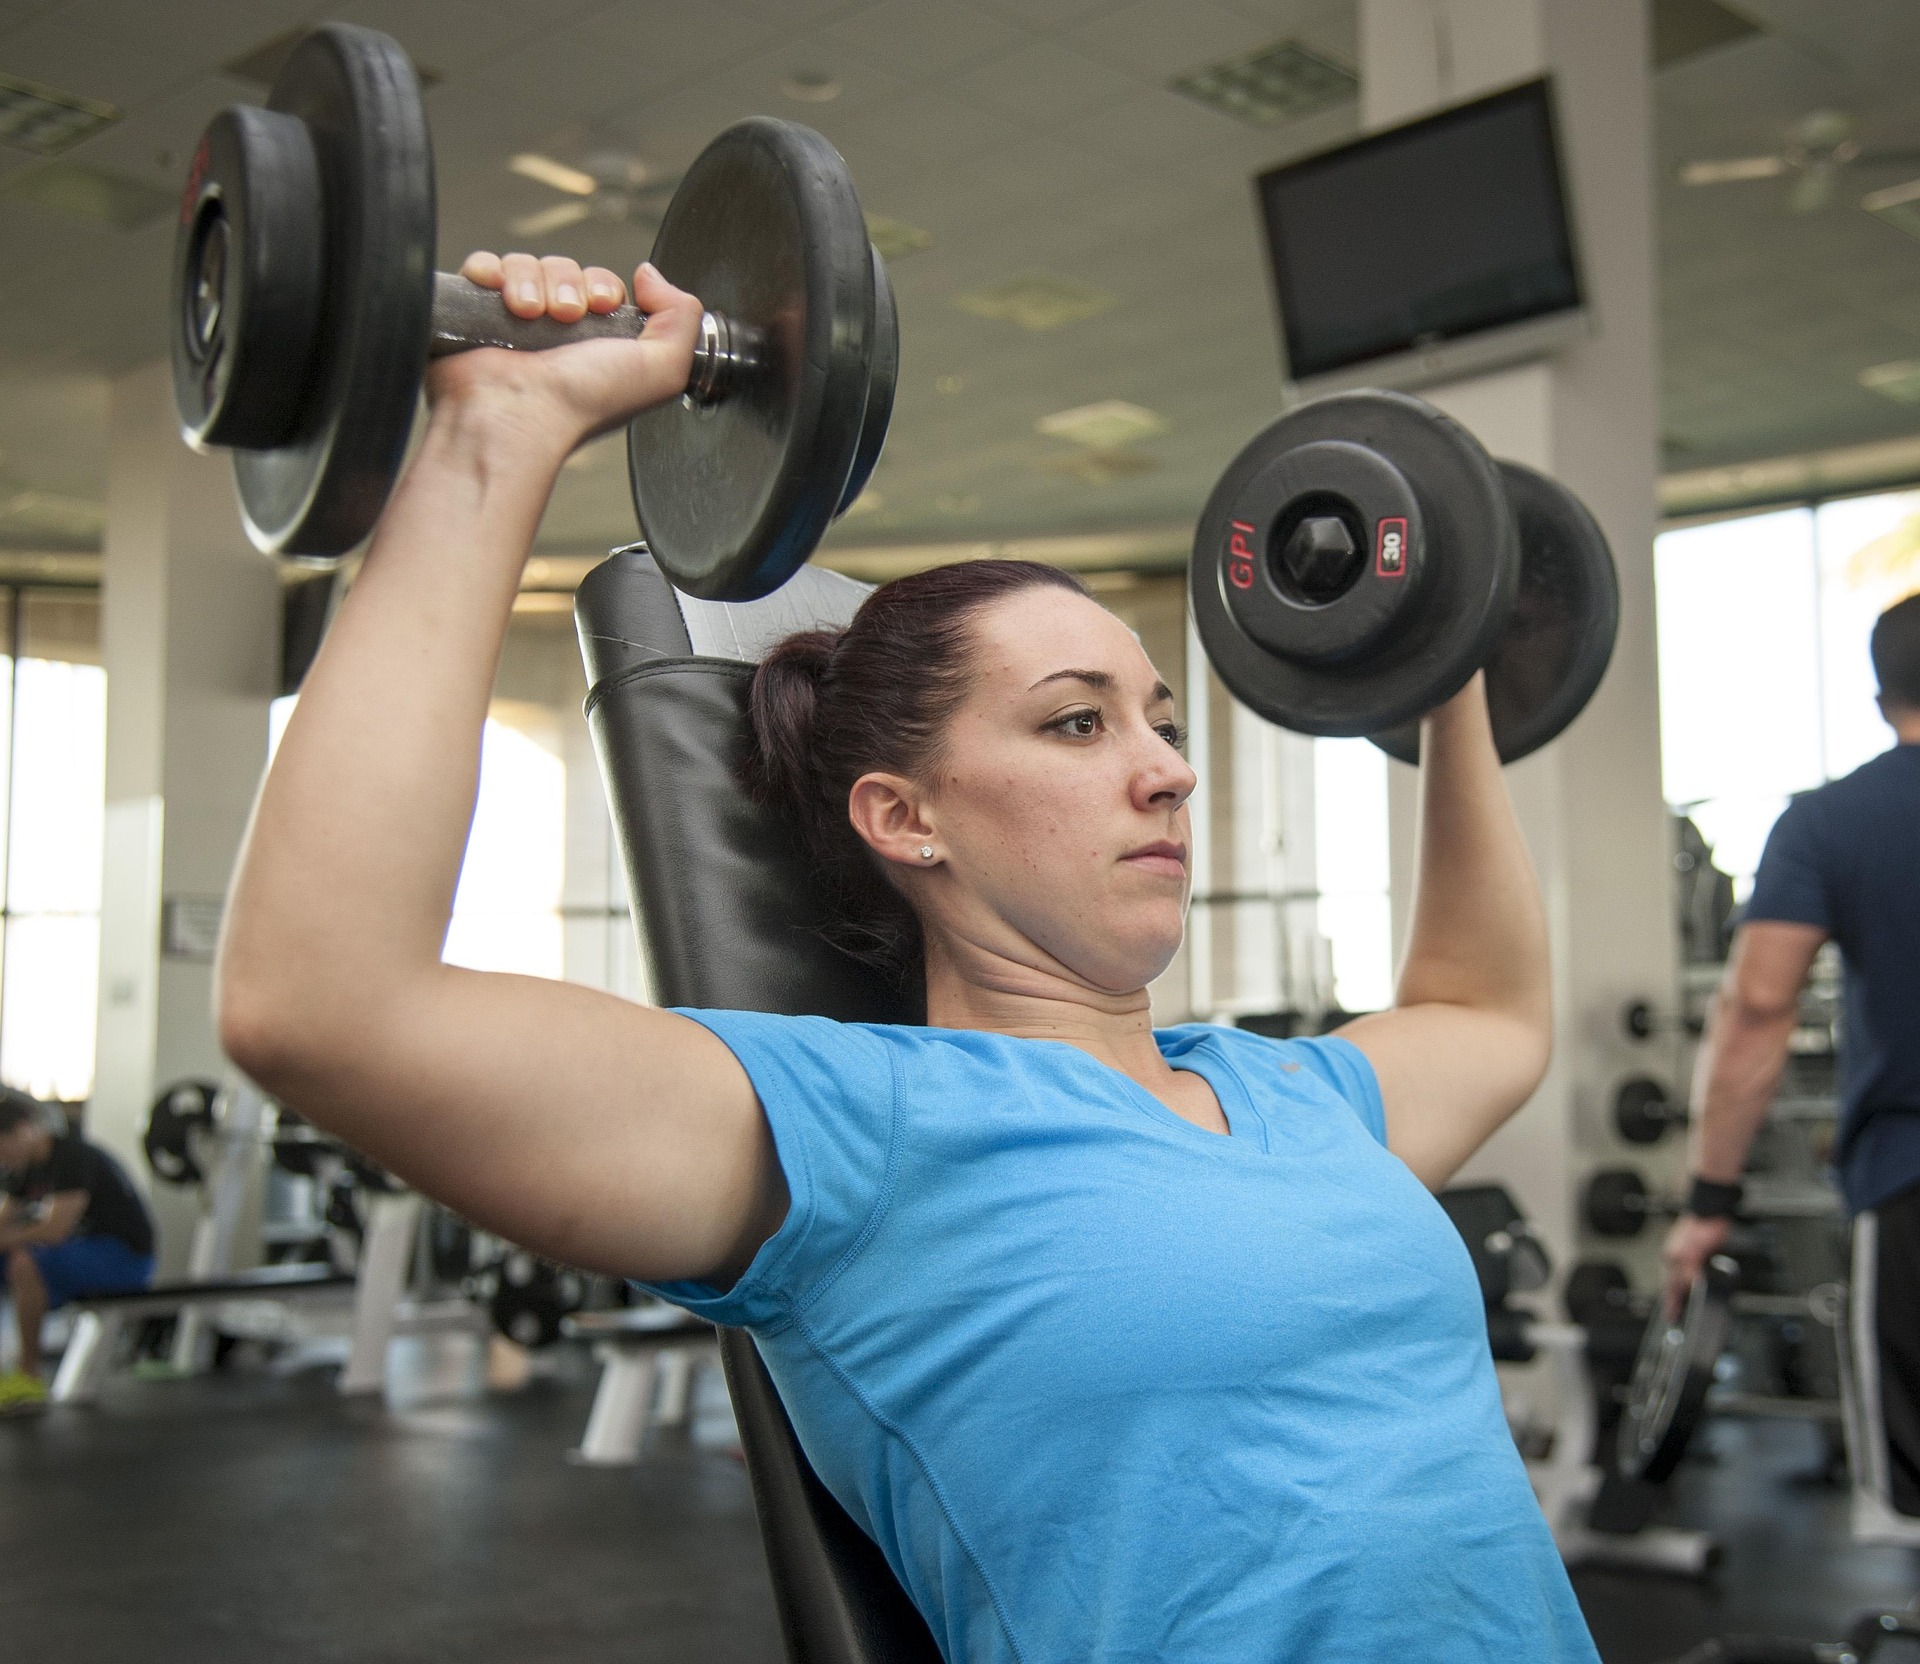 lihaskuntoharjoittelu ja painonpudotus